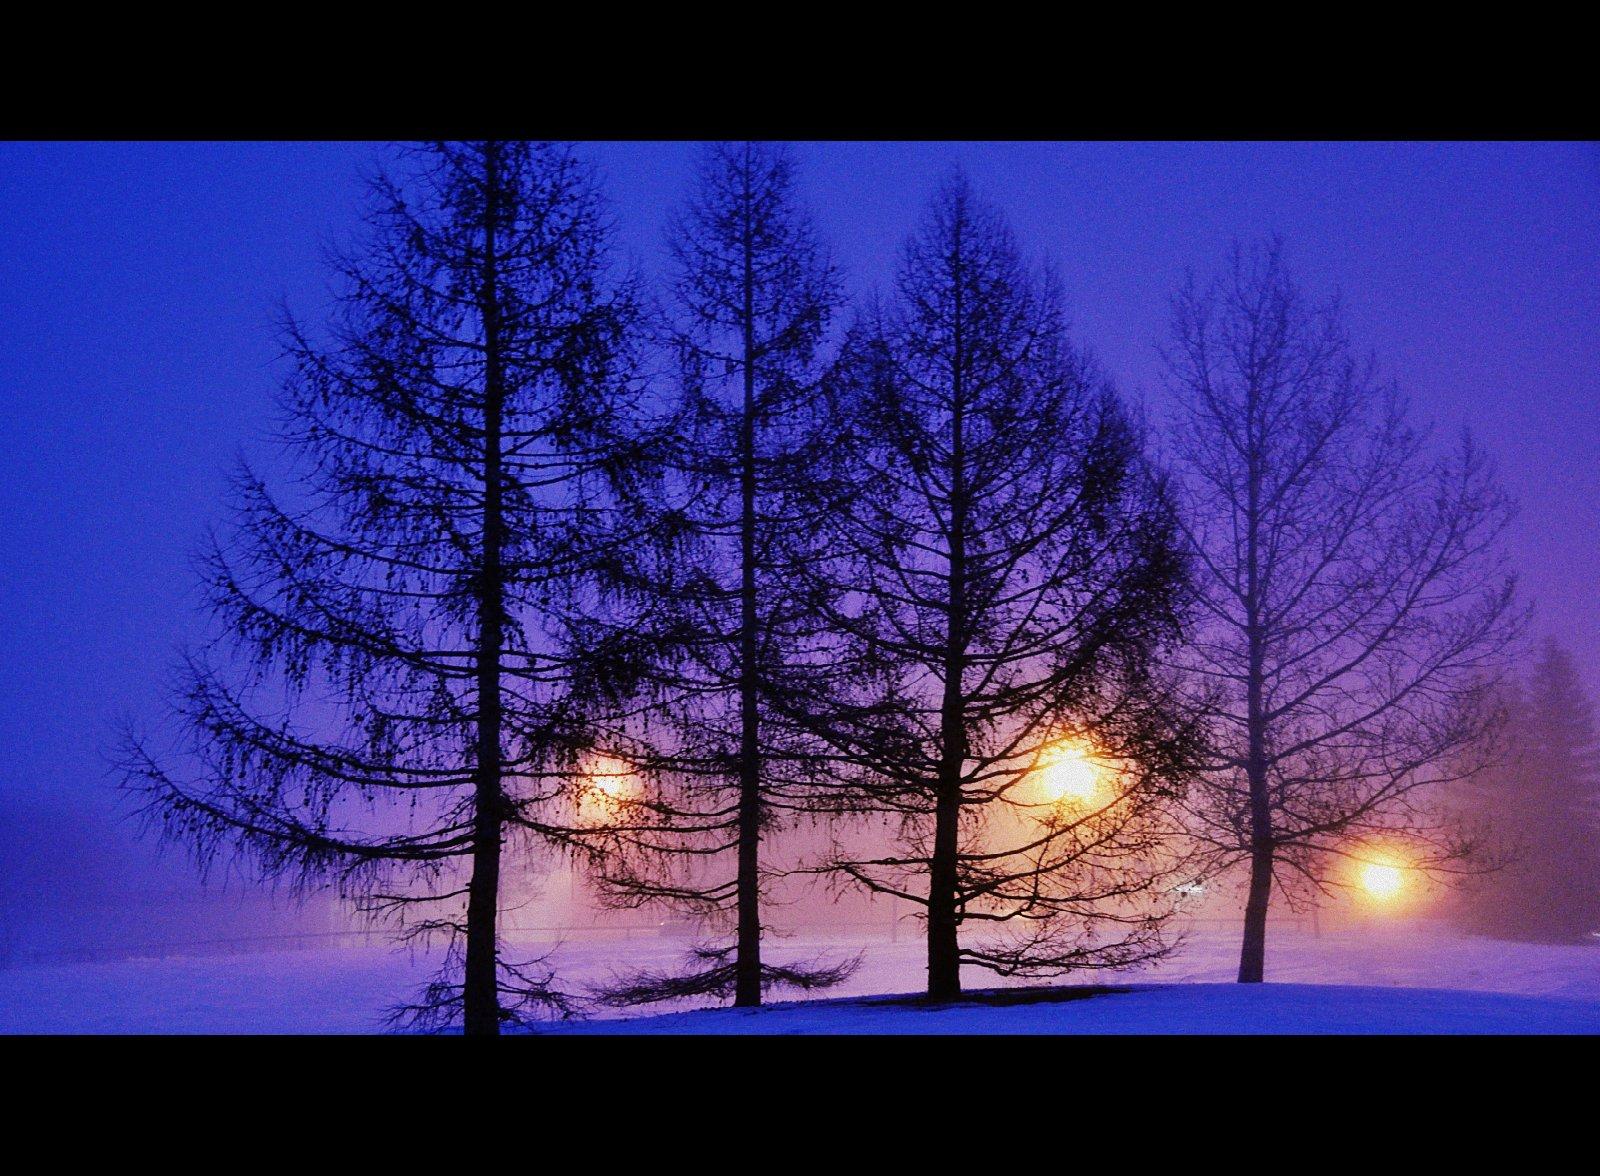 женский знак, вечером синим вечером лунным Благослови, душе моя